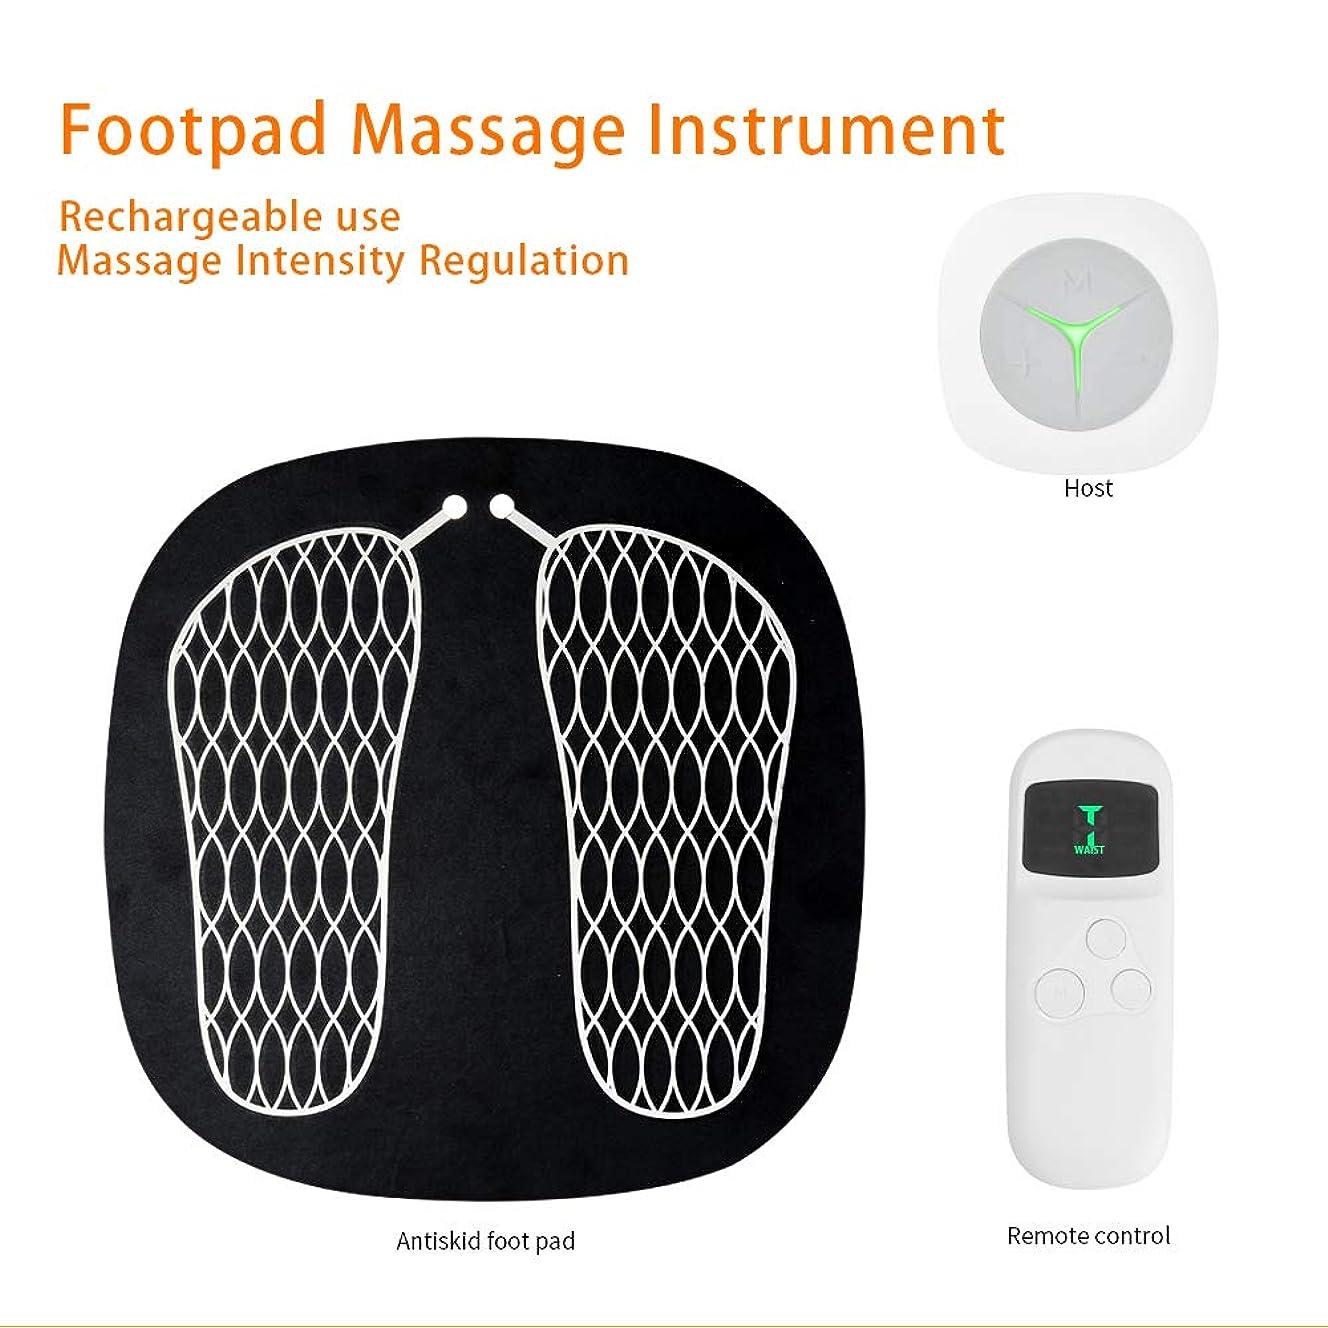 消費有効なあえて指圧式フットマッサージャー、マルチファンクションインテリジェントフットマッサージ、倦怠感軽減、鍼治療のポイント、6モードUSBチャージ,White